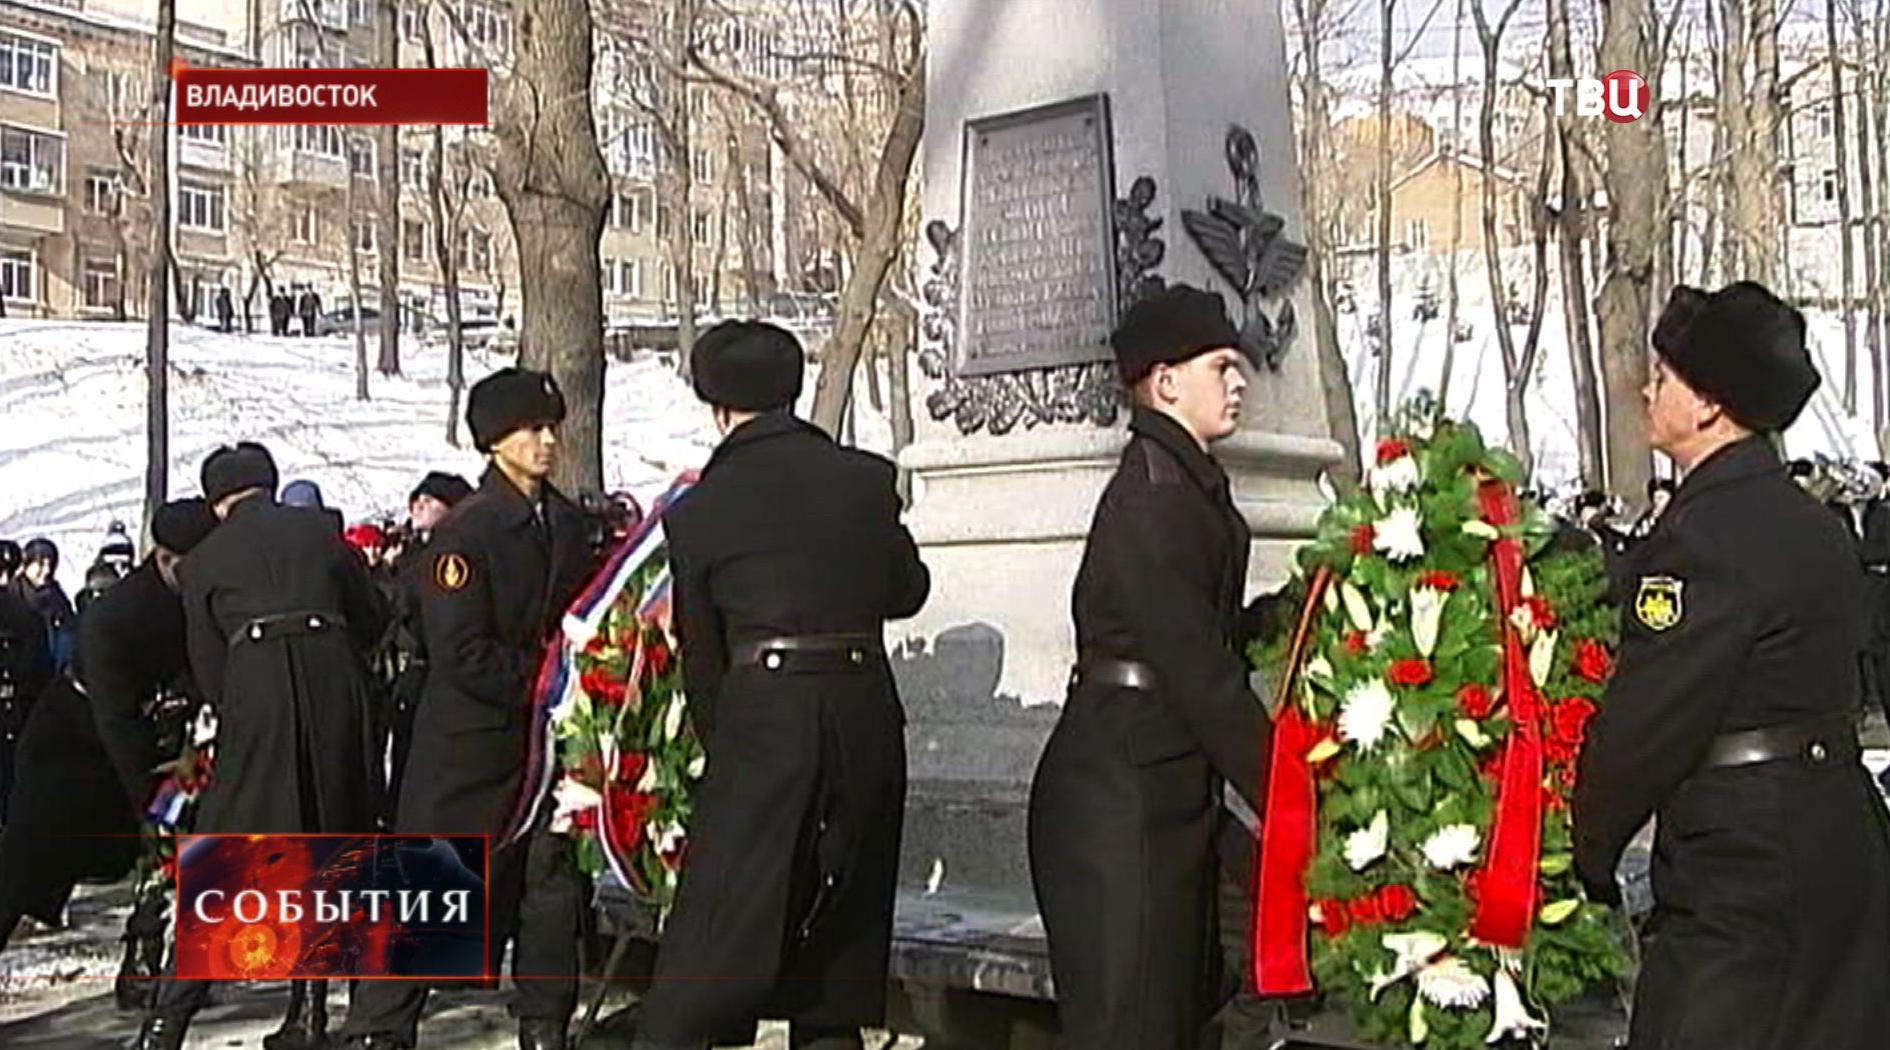 Военные возлагают венки к памятнику